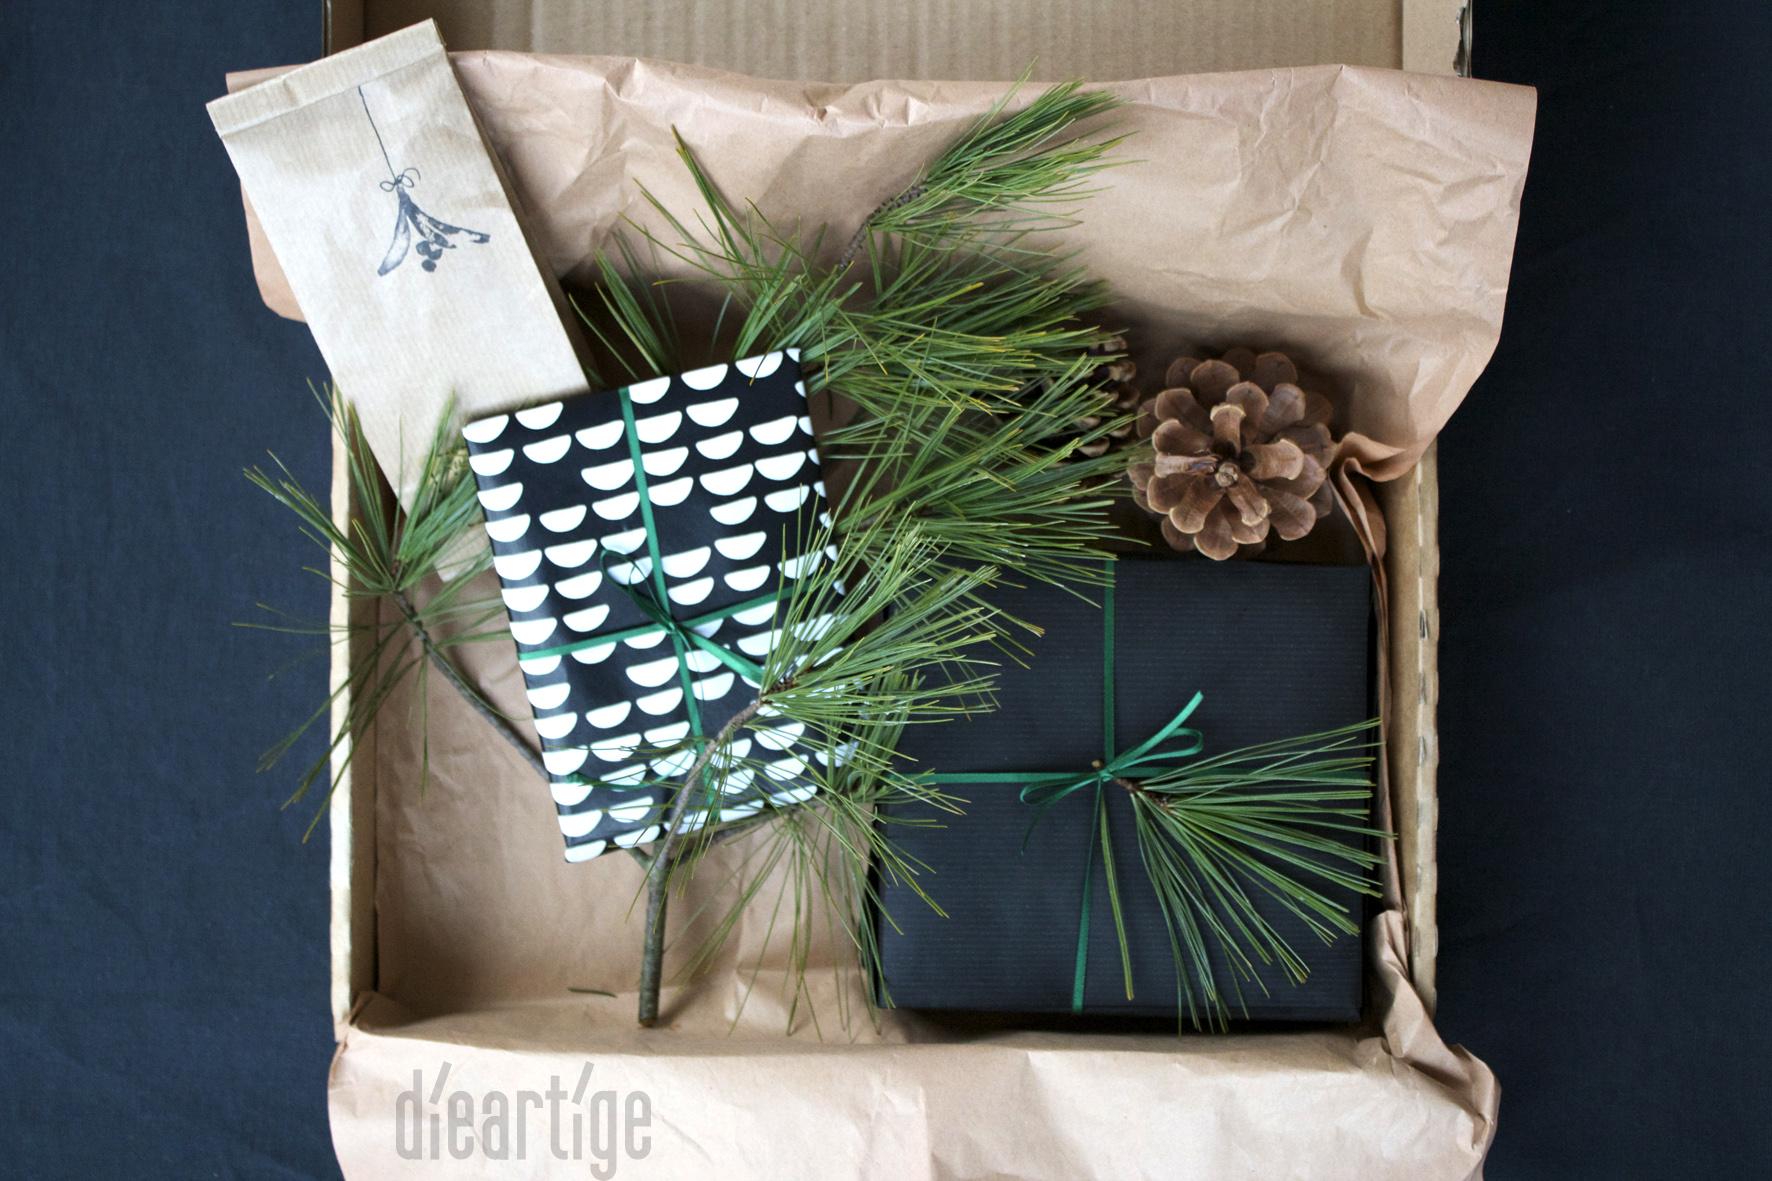 dieartigeBLOG - Adventsgrüße | Wichtelgeschenk, Kraftpapier, Geschenkpapier schwarz, schwarz-weiß mit Dunkelgrün, Seidenkiefer